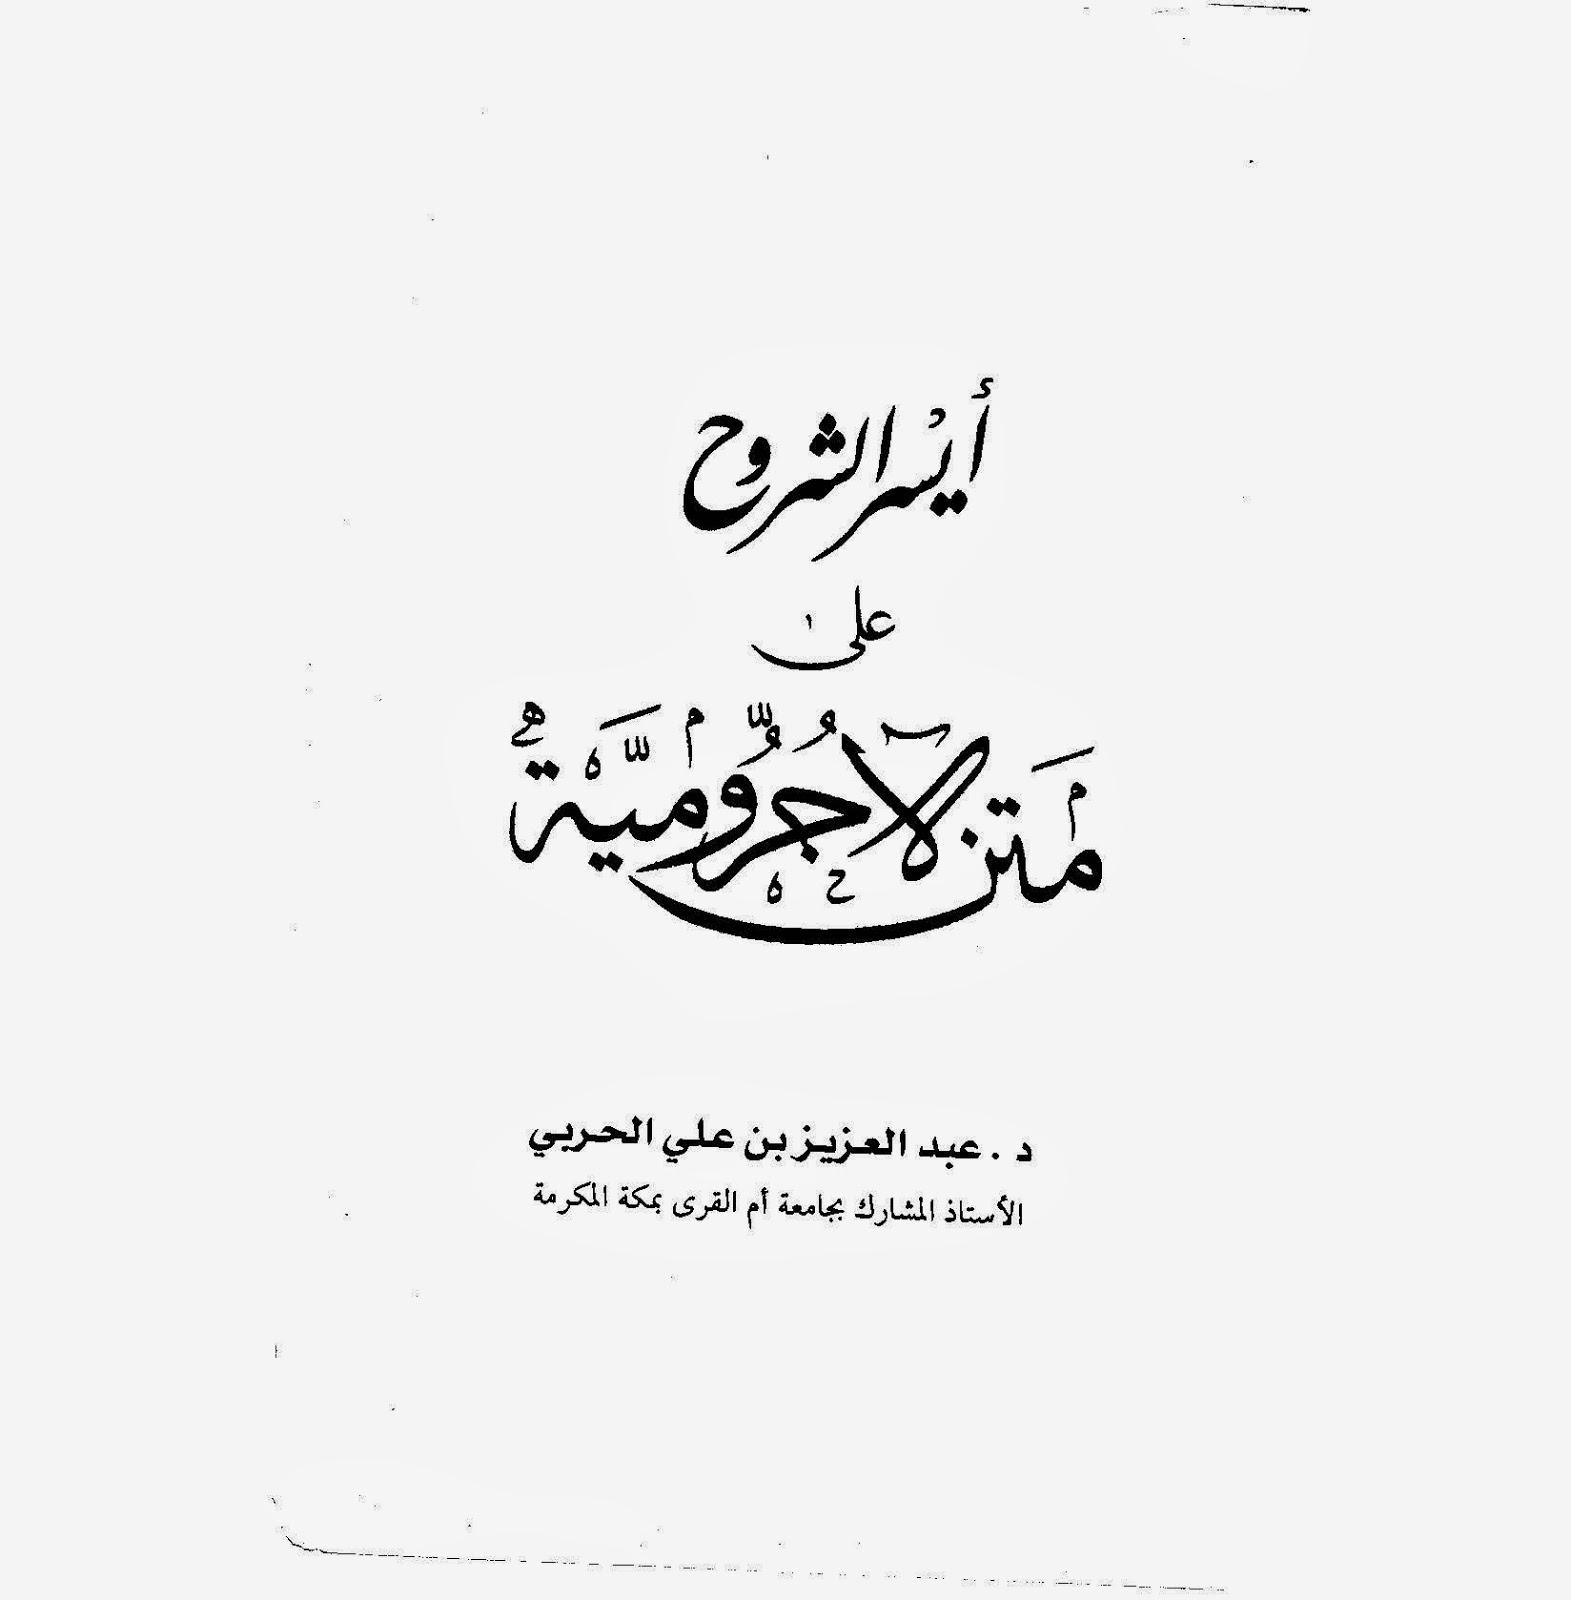 أيسر الشروح على متن الآجرومية - عبد العزيز علي الحربي